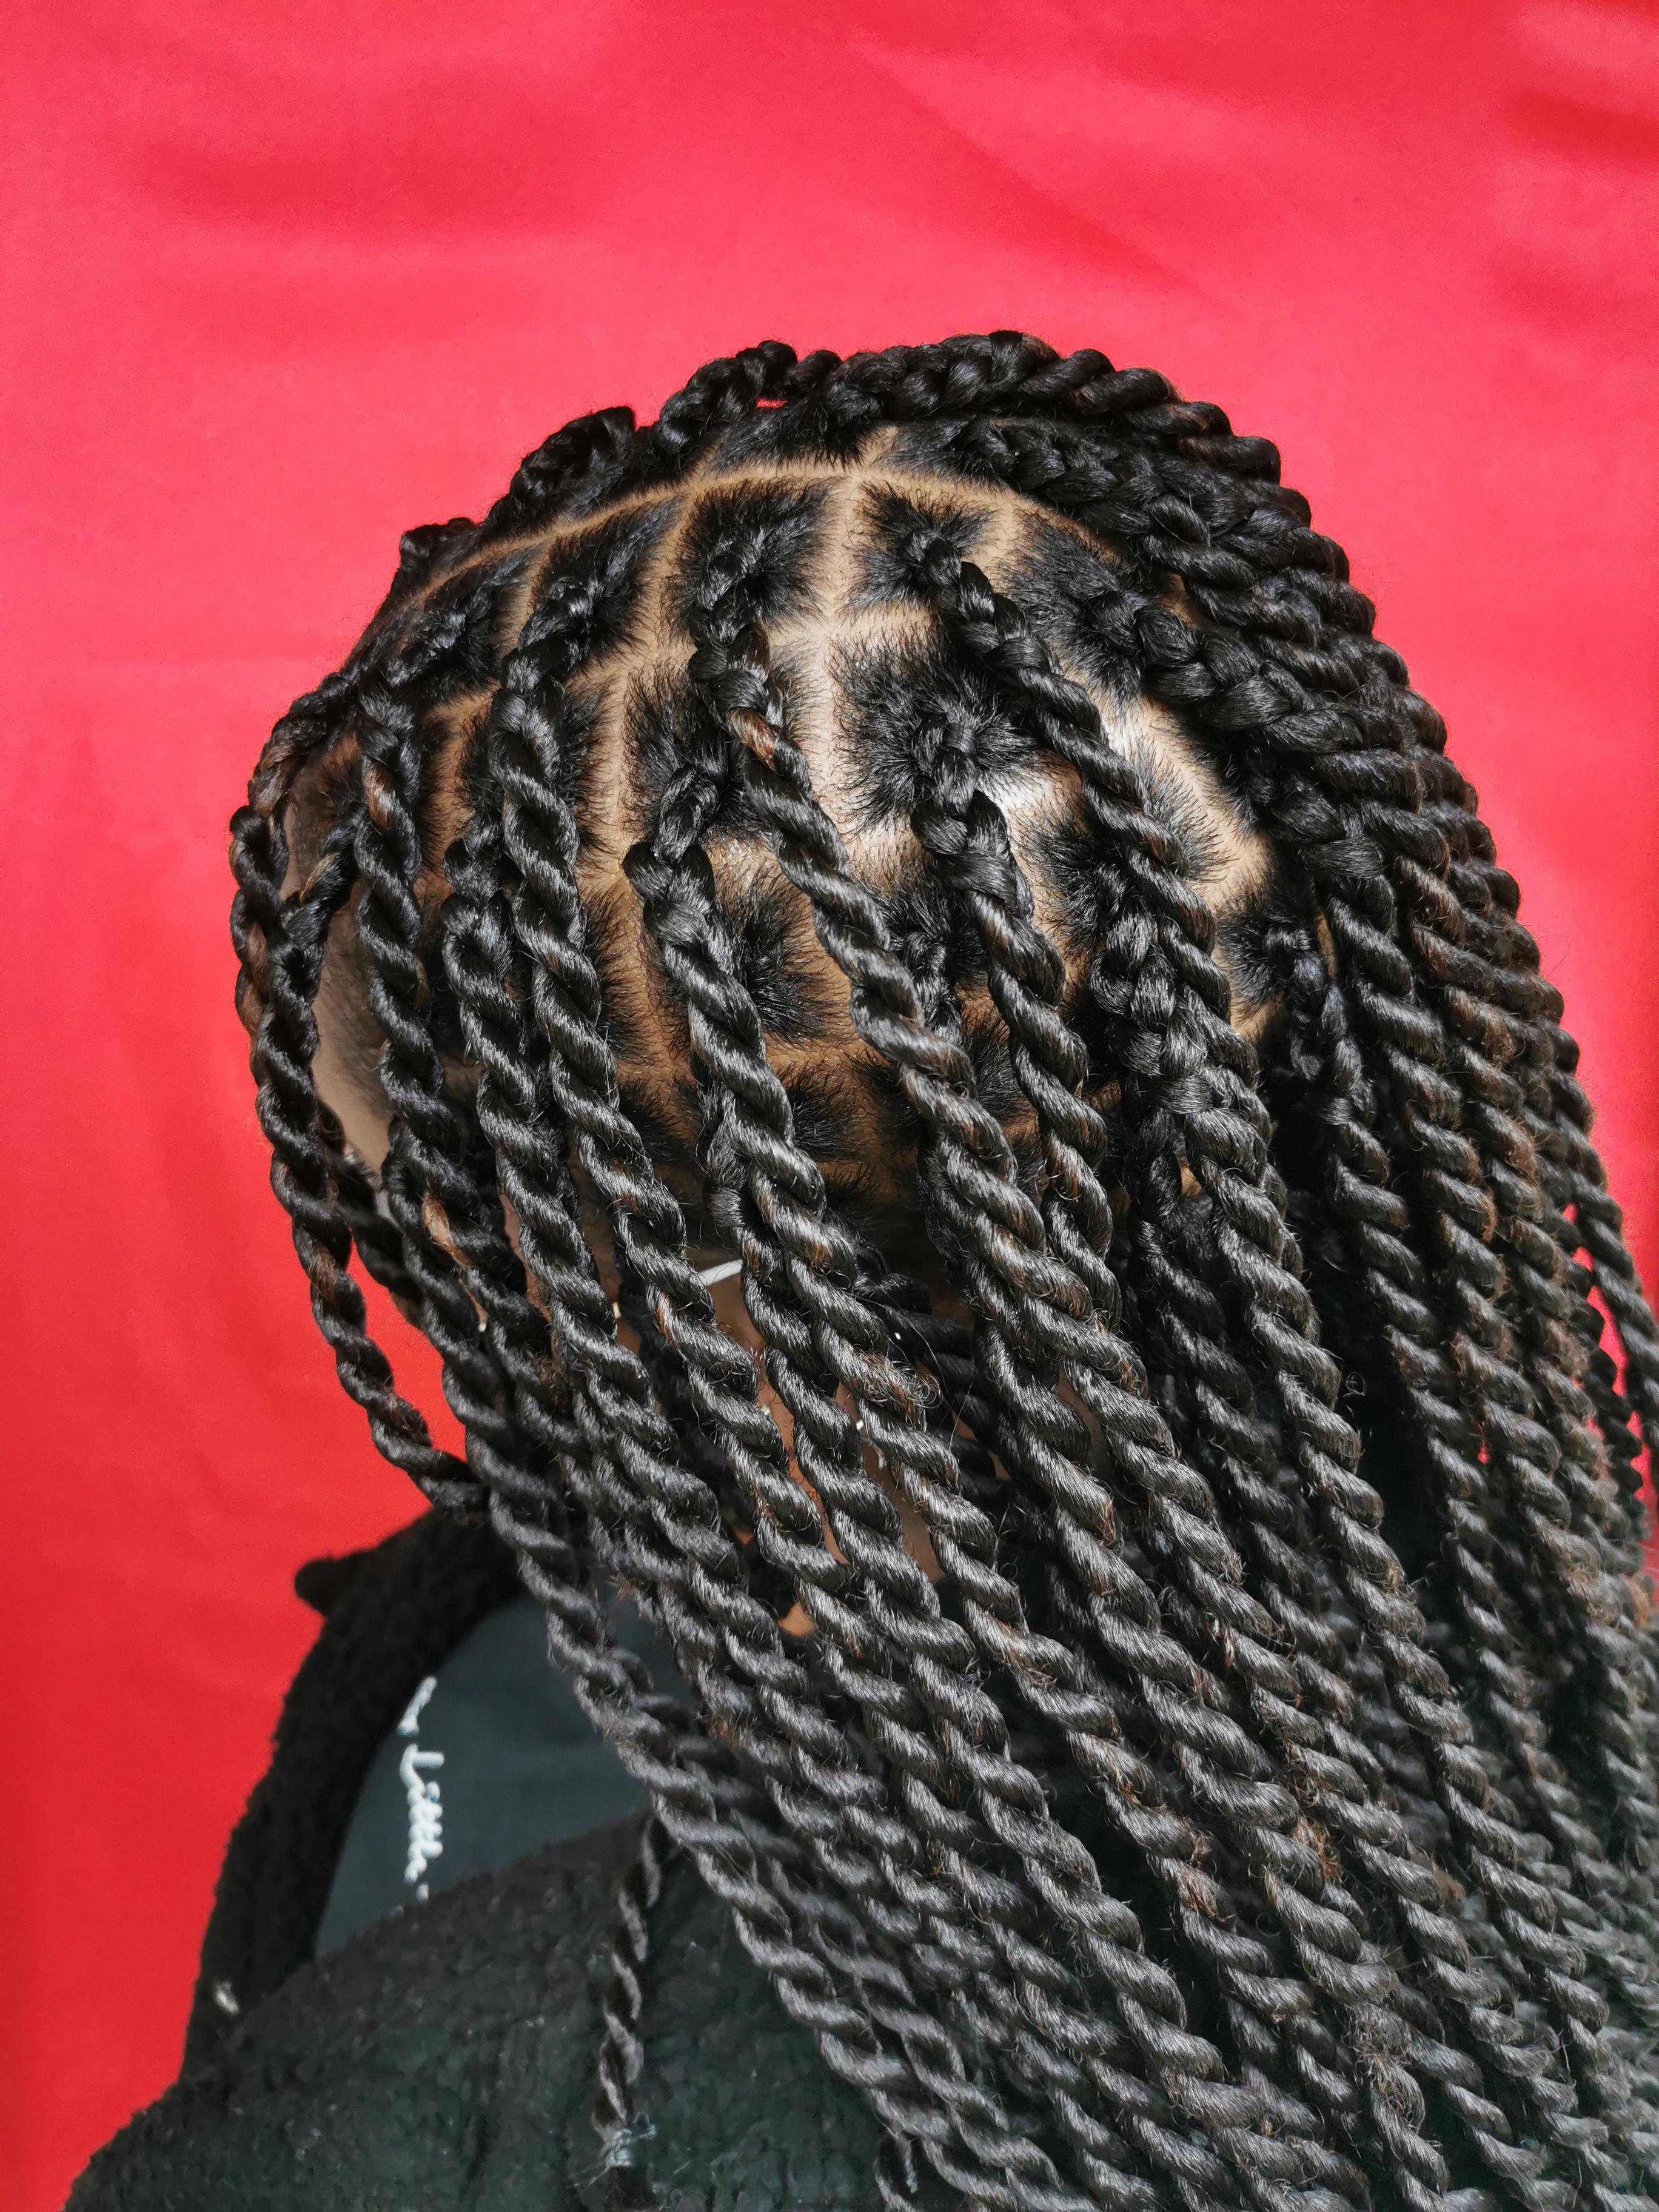 salon de coiffure afro tresse tresses box braids crochet braids vanilles tissages paris 75 77 78 91 92 93 94 95 LMYNORBK